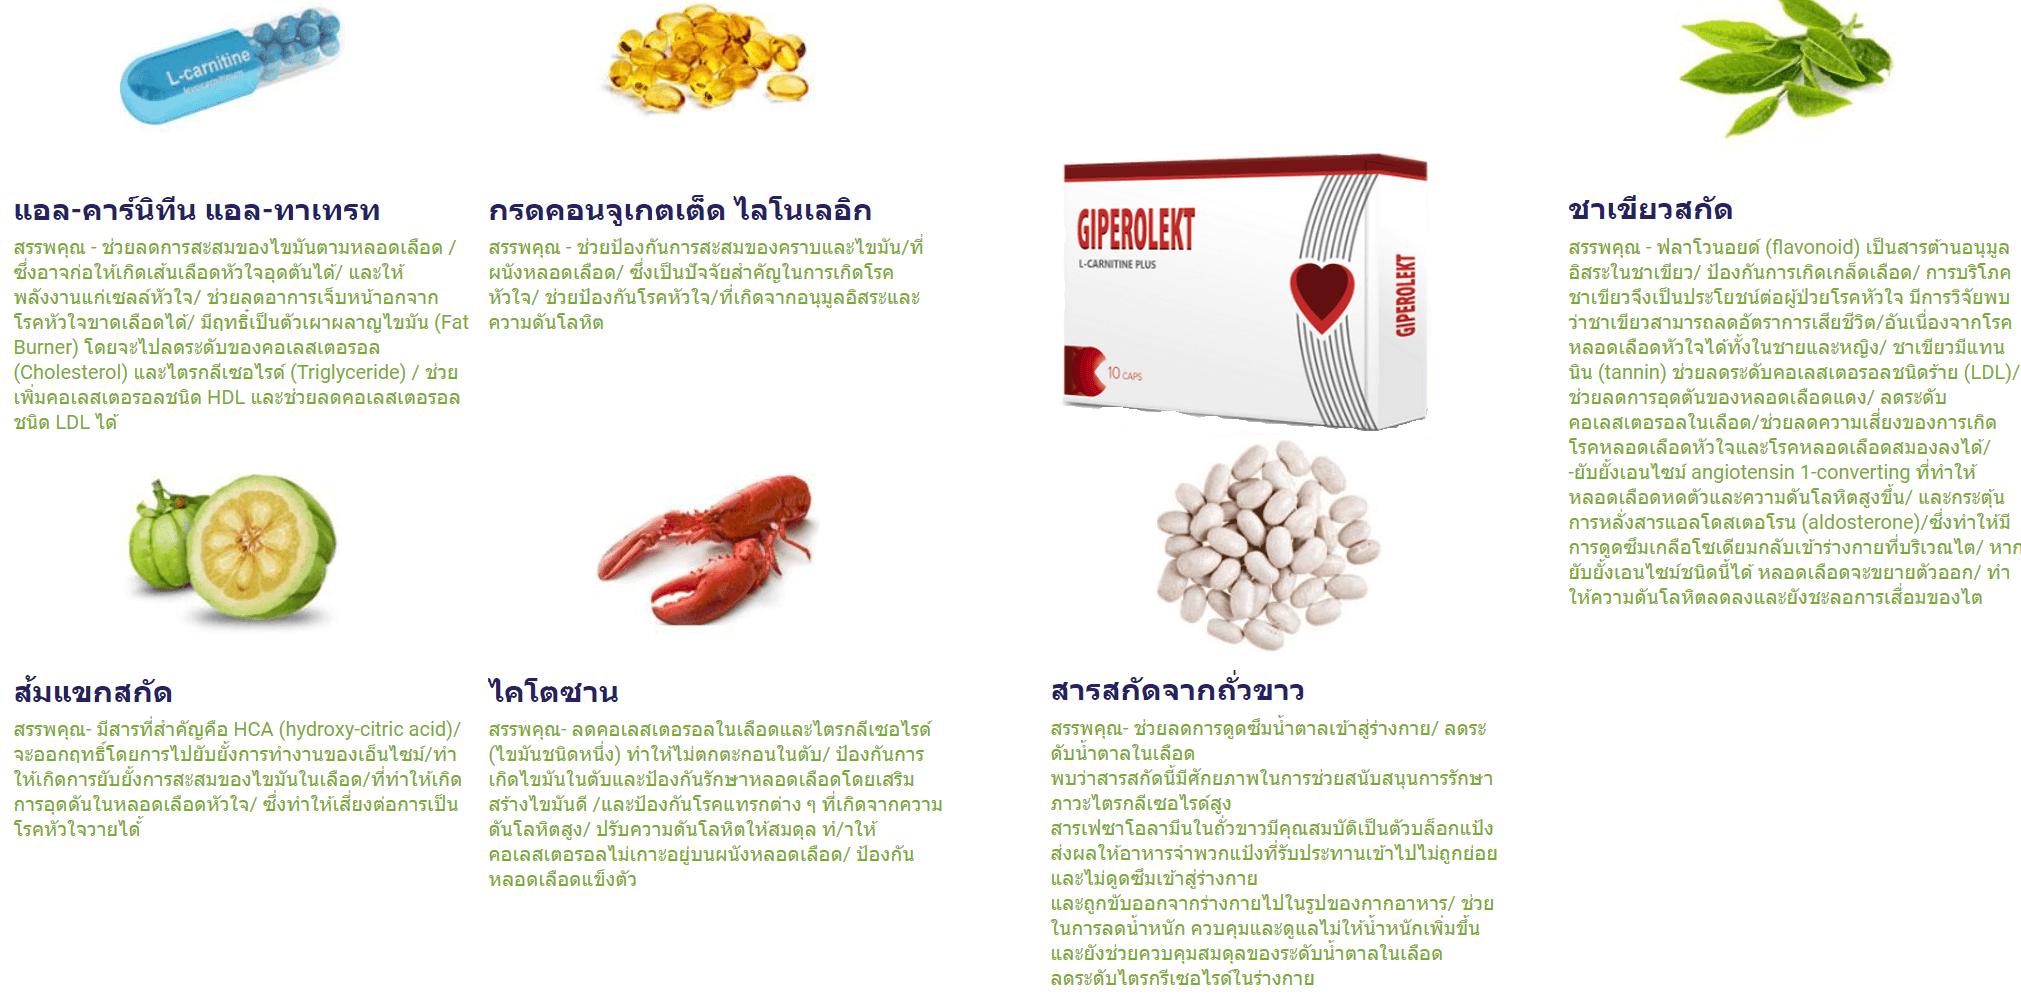 องค์ประกอบของแคปซูล Giperolekt